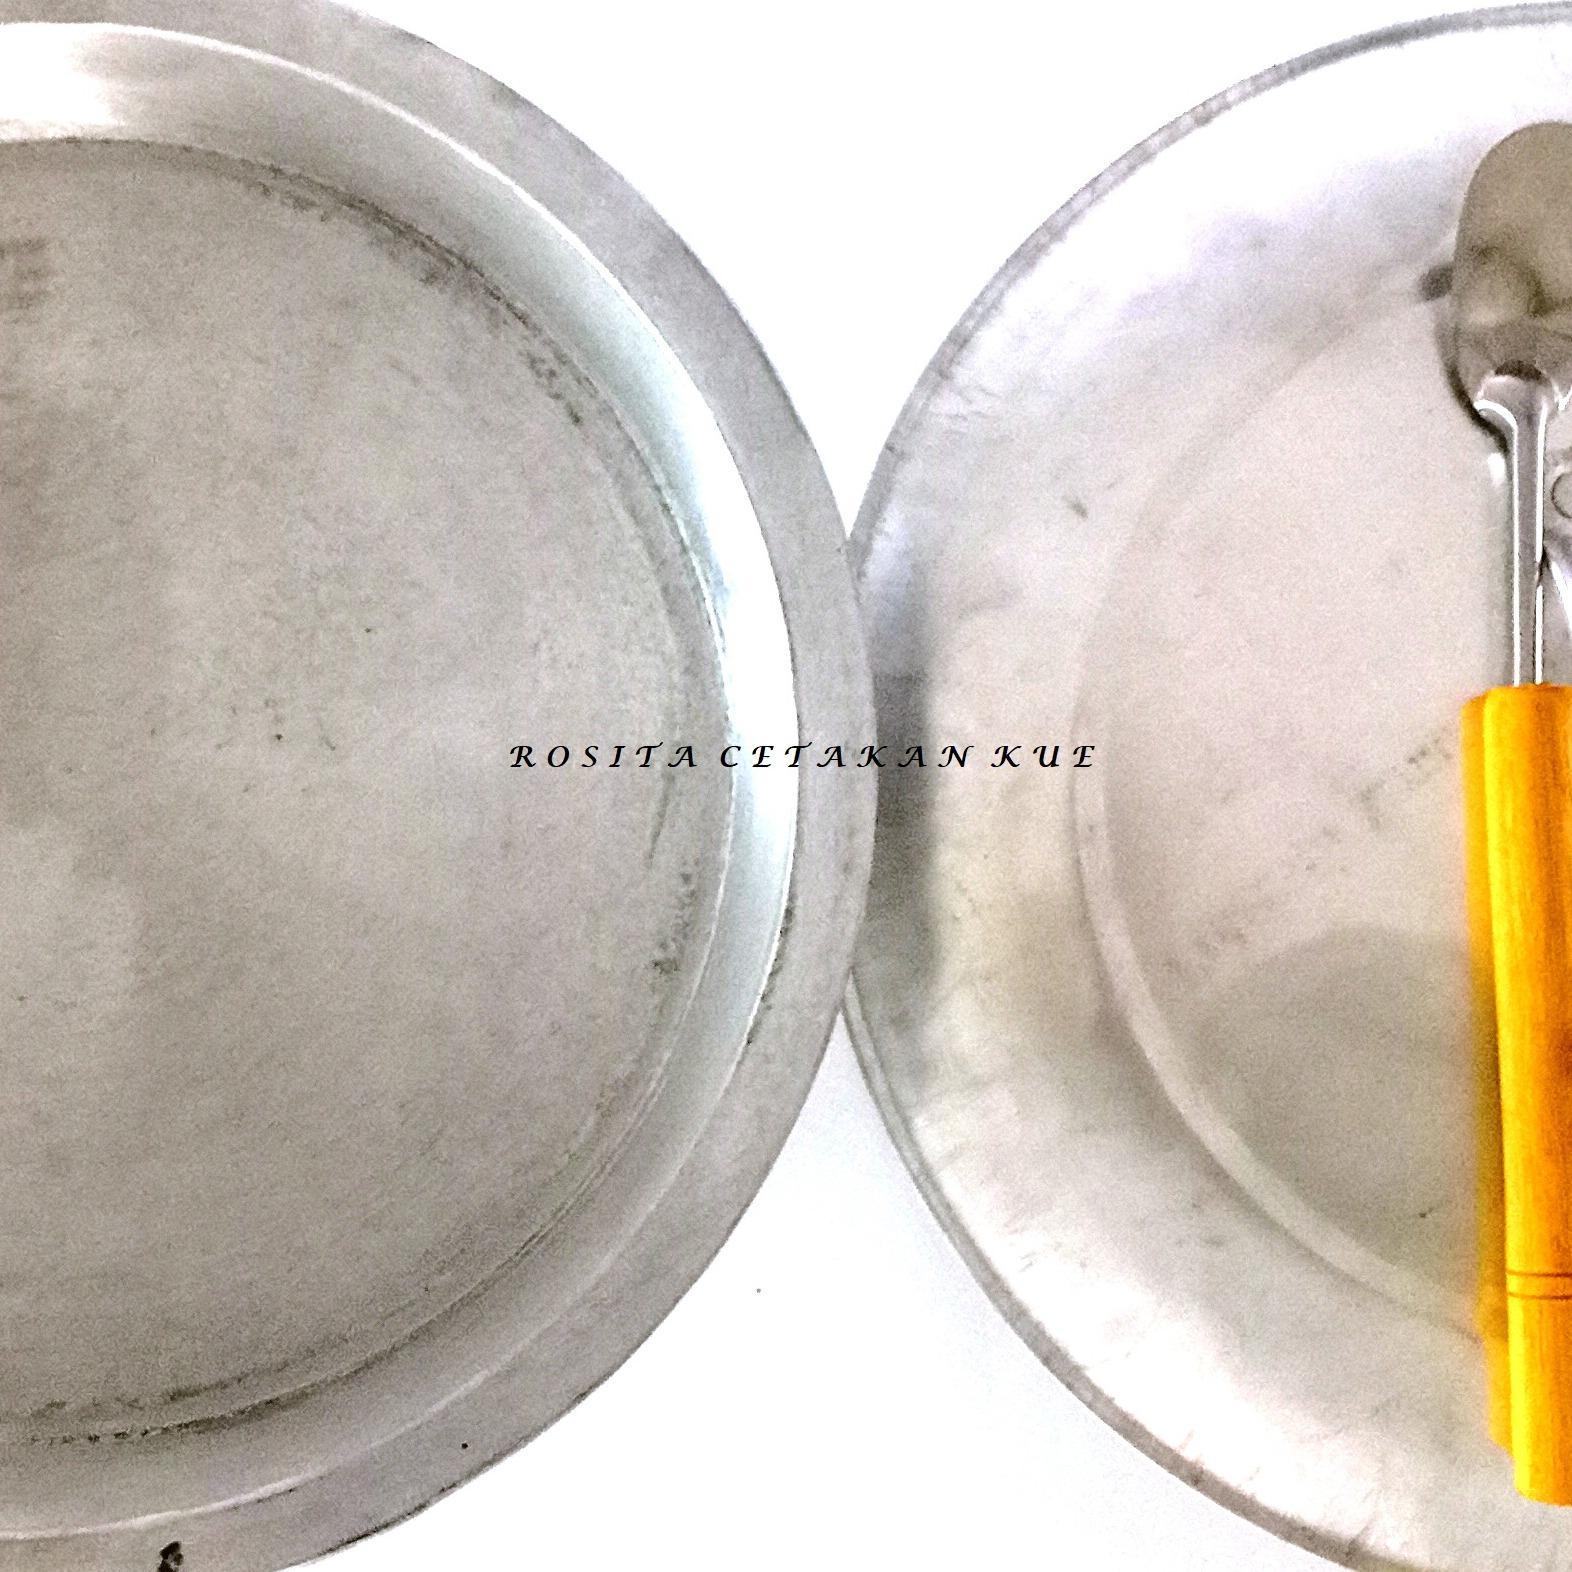 Tips Beli Eddy Rosita Cetakan Kue Terang Bulan Martabak Manis 24 5Cm Tbj Dan Tutup